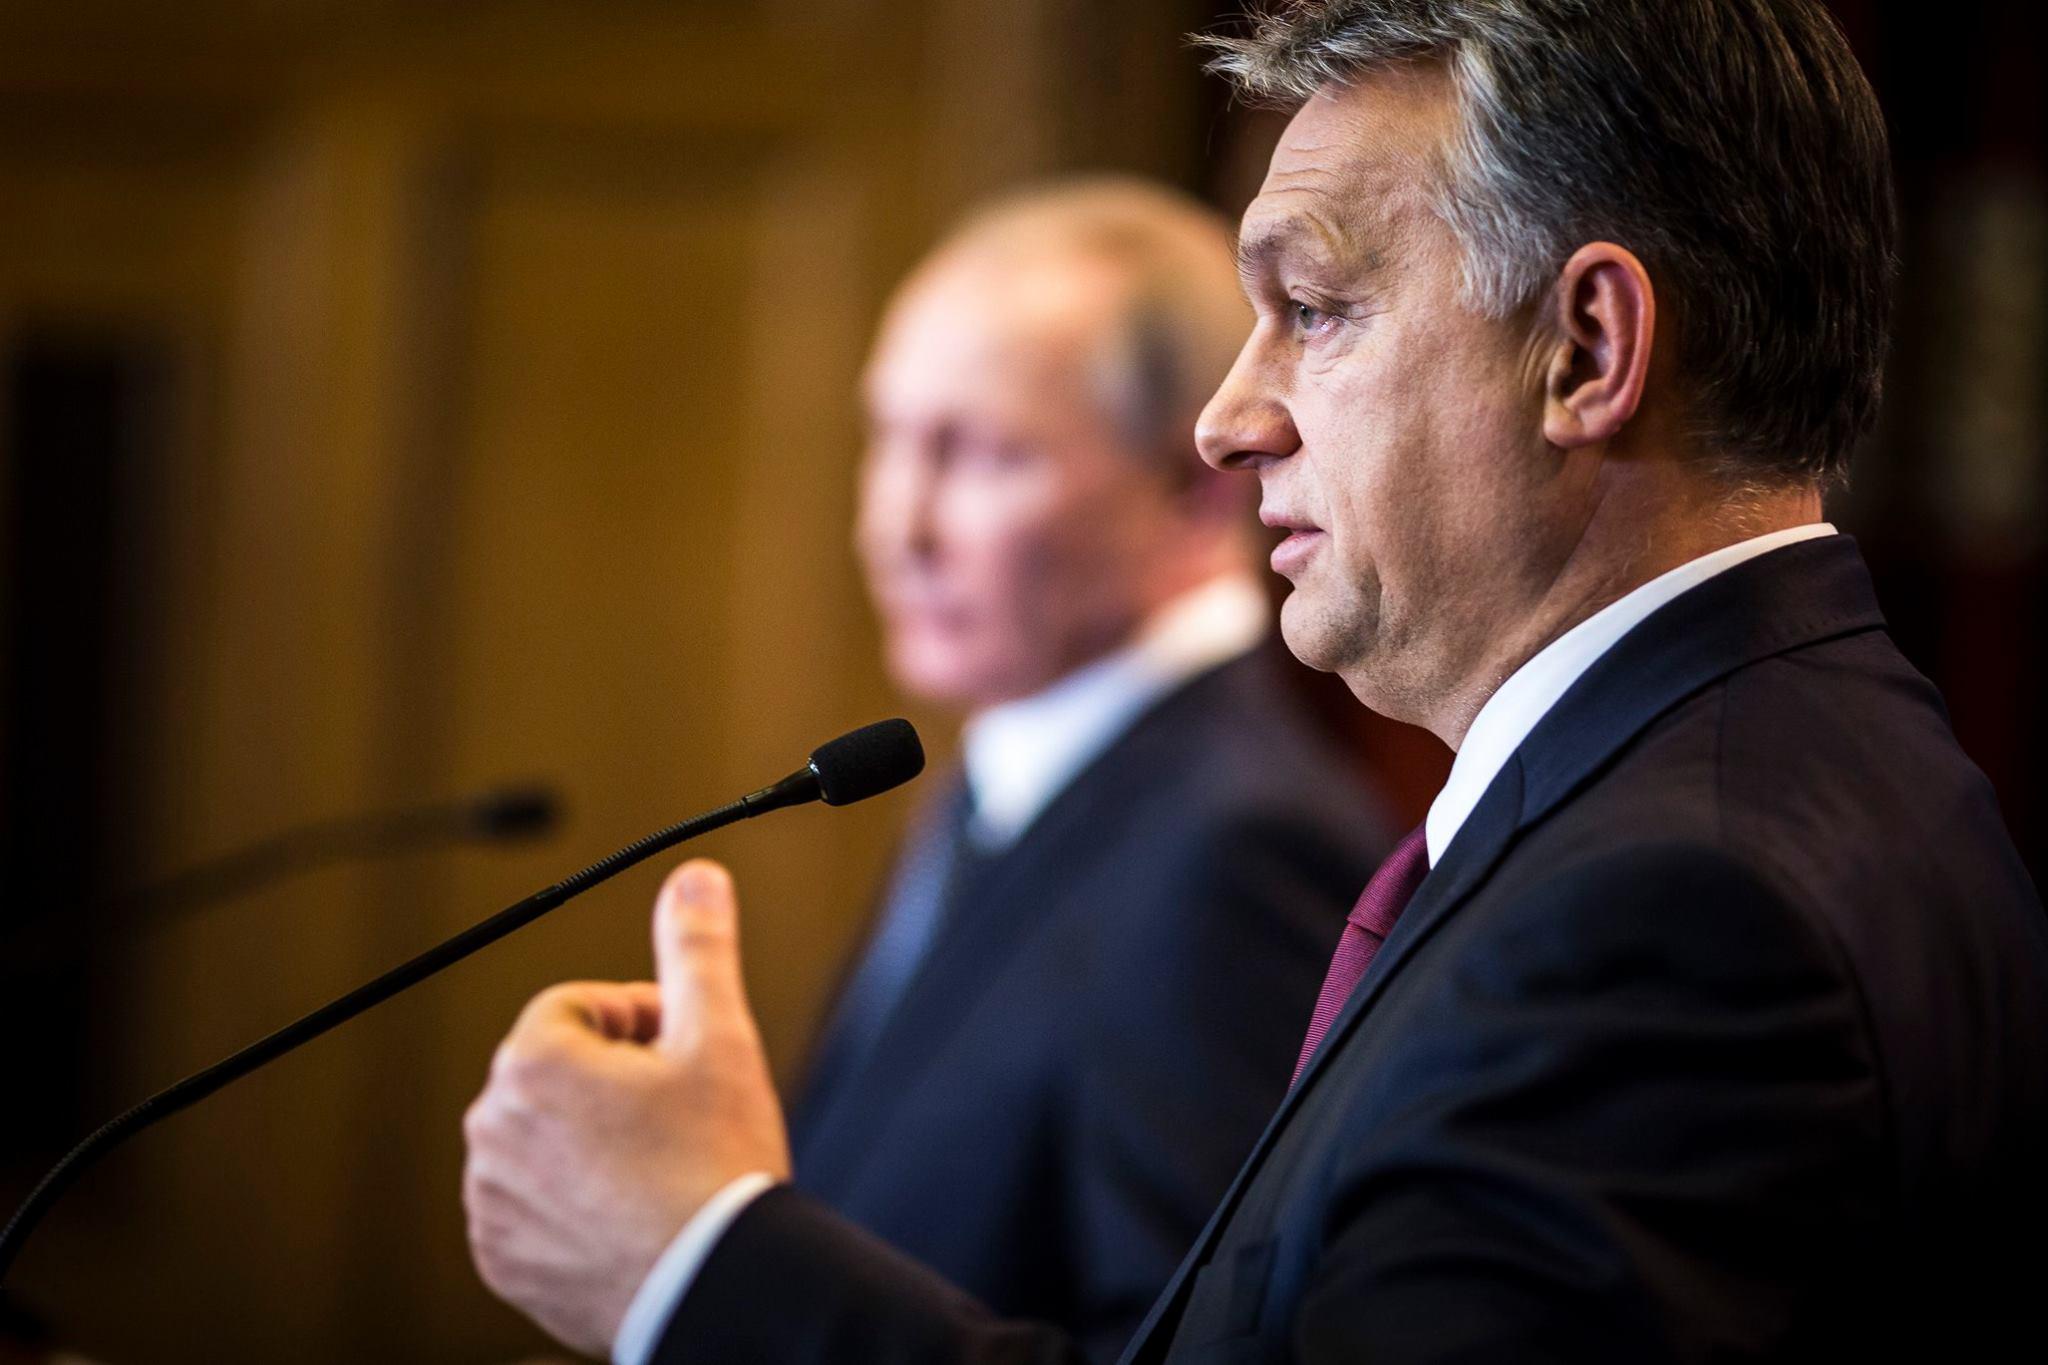 Egy magyar cég majdnem elnyert egy nagy üzletet. Aztán az Orbán-kormány inkább beállt az orosz rivális mögé